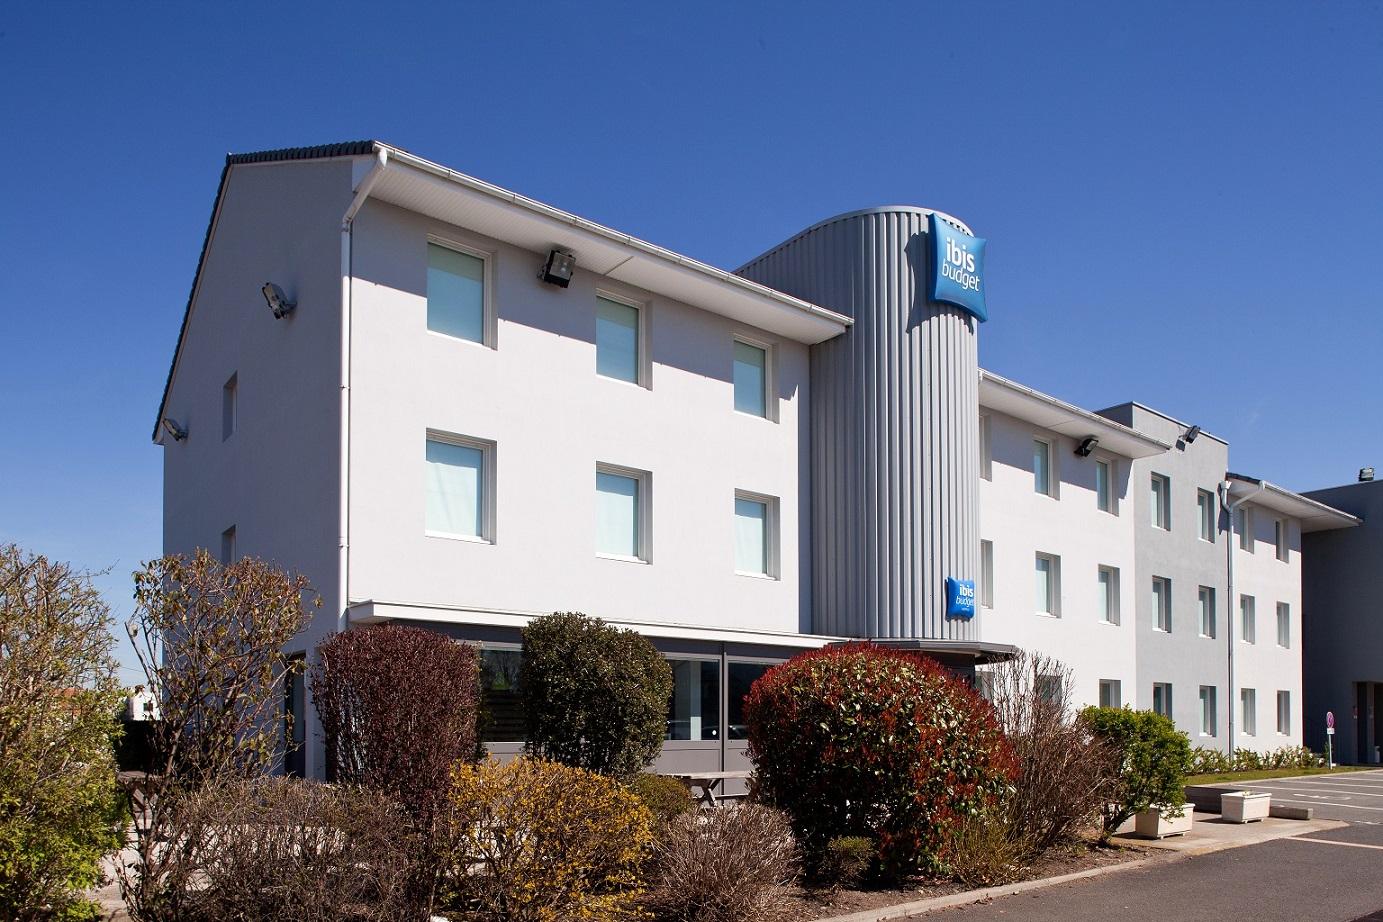 Hôtel – Ibis Budget – Riom